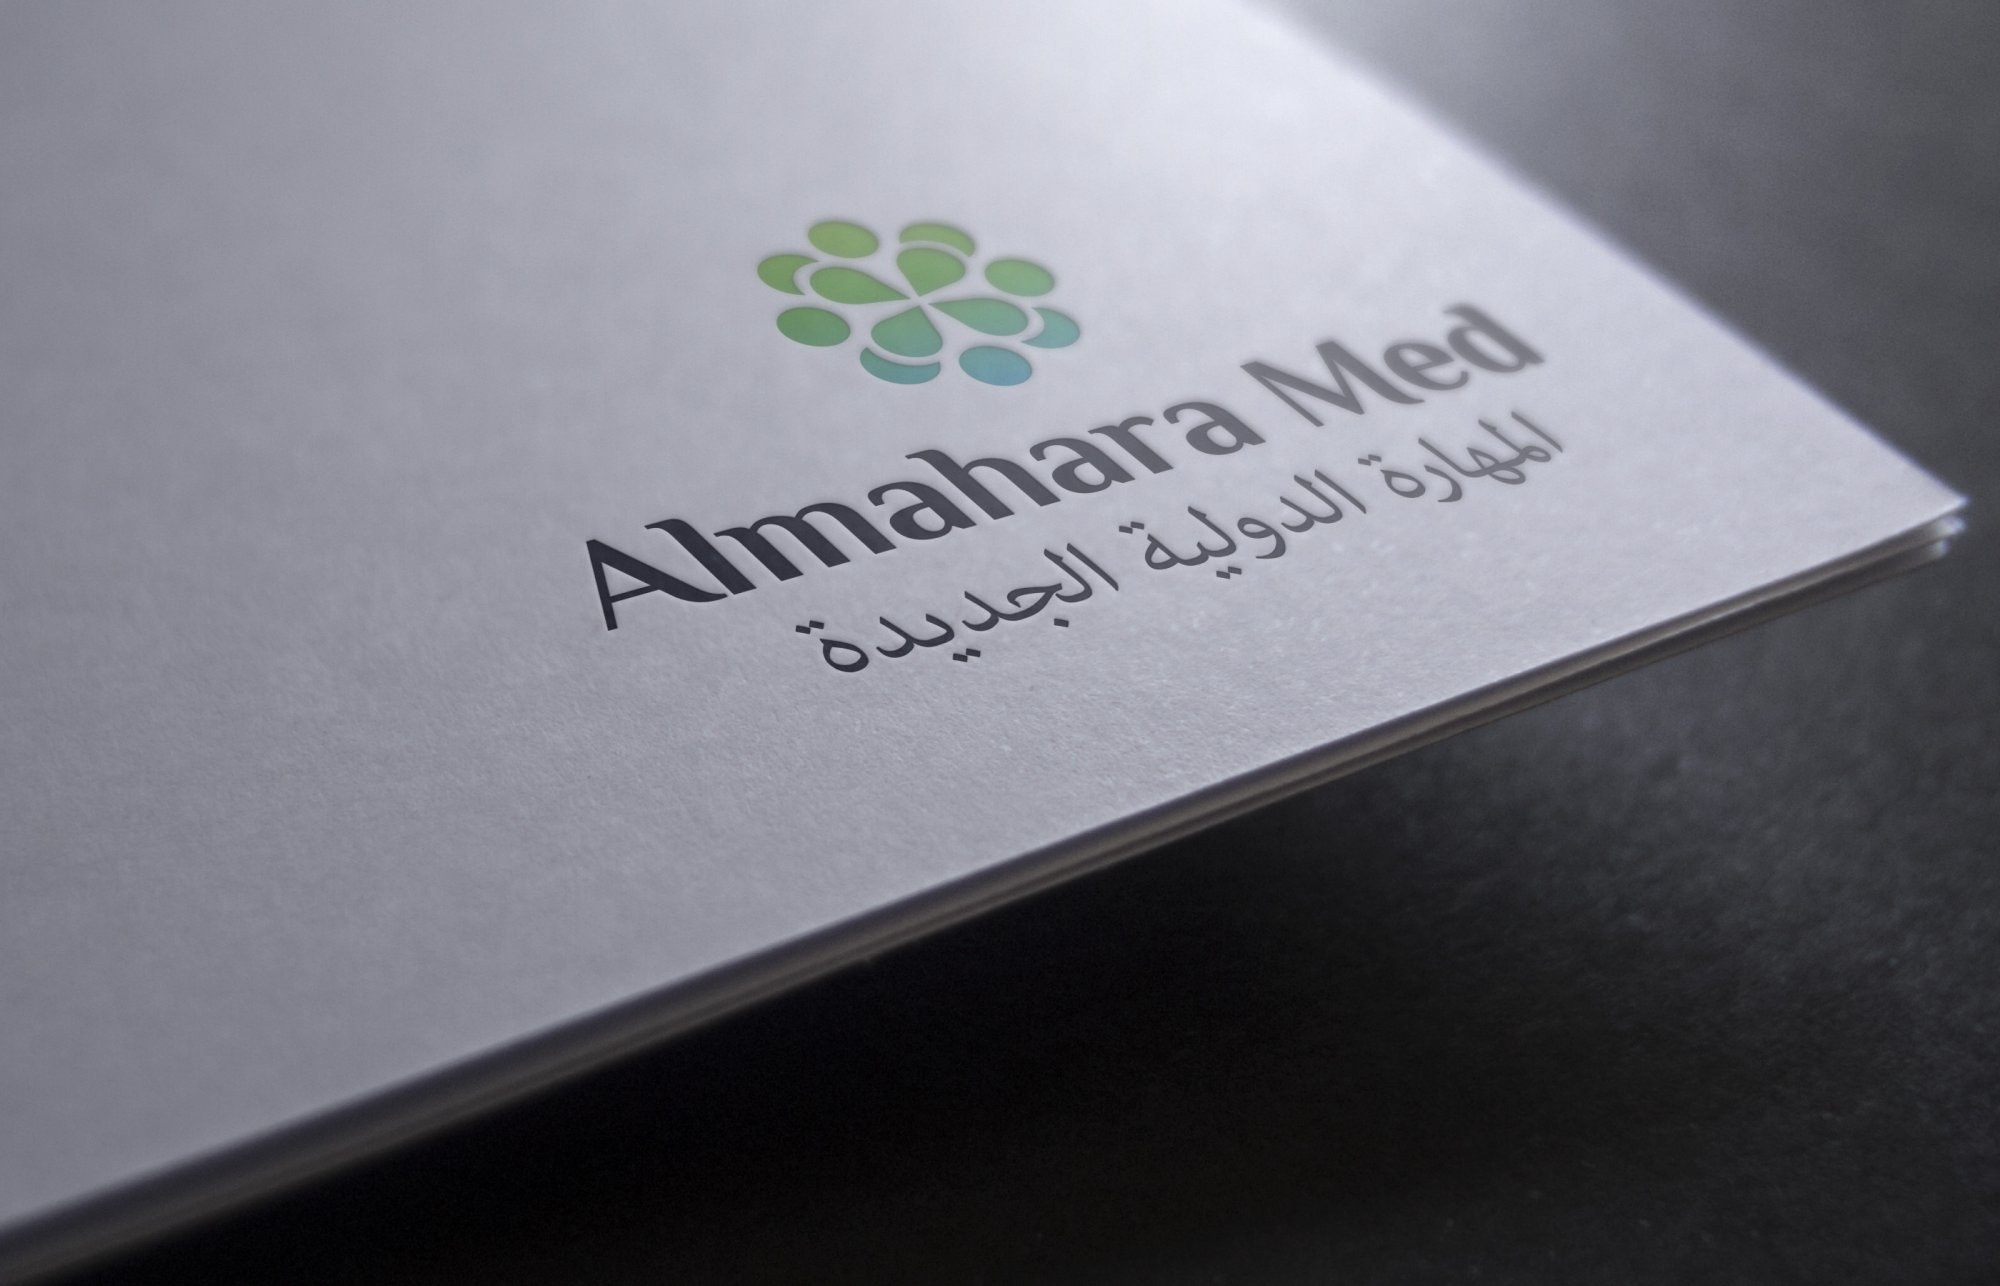 Almaharamed - White Paper Design